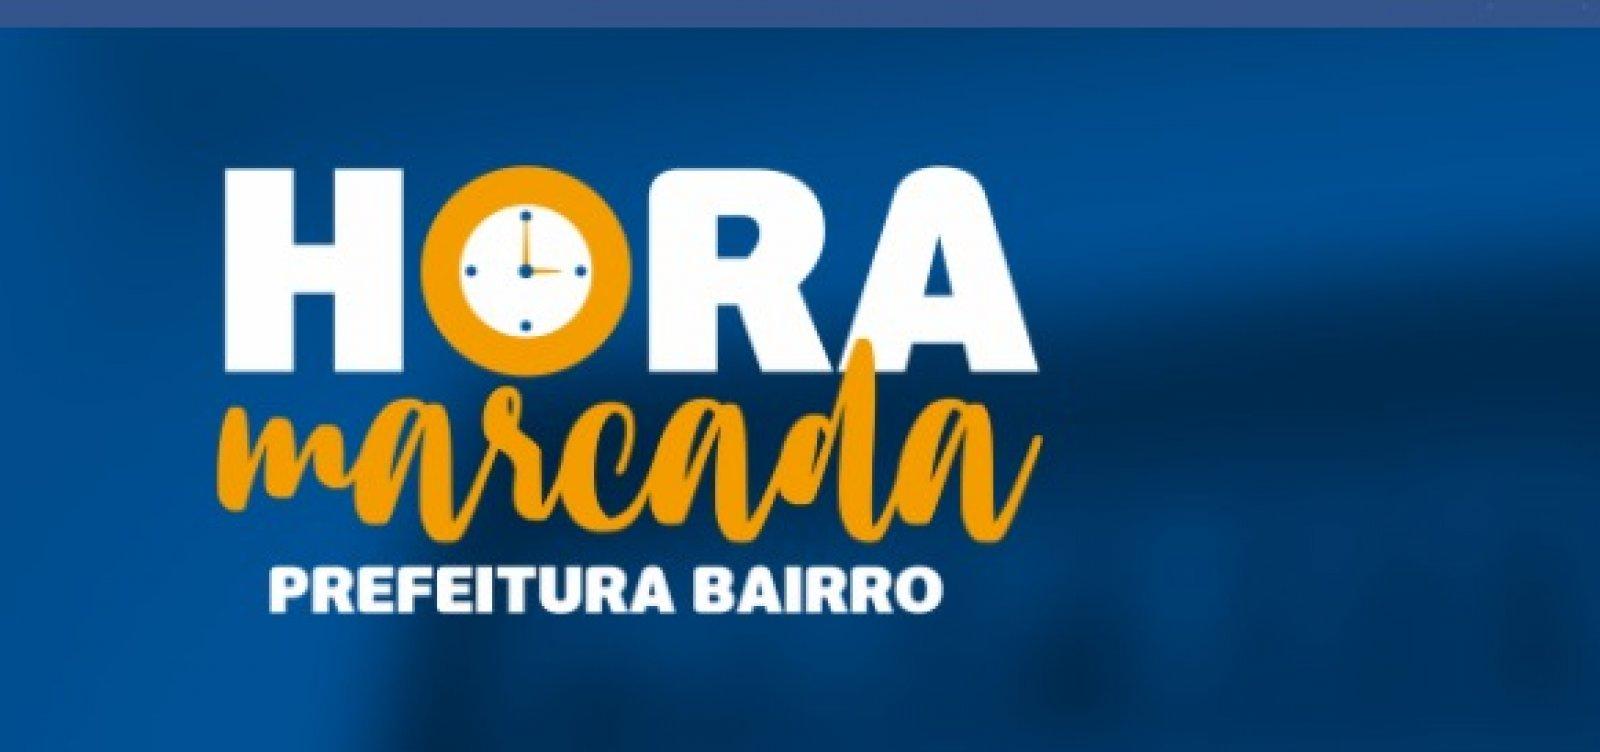 Prefeitura oferece agendamento da 2ª dose para quem não iniciou a imunização em Salvador